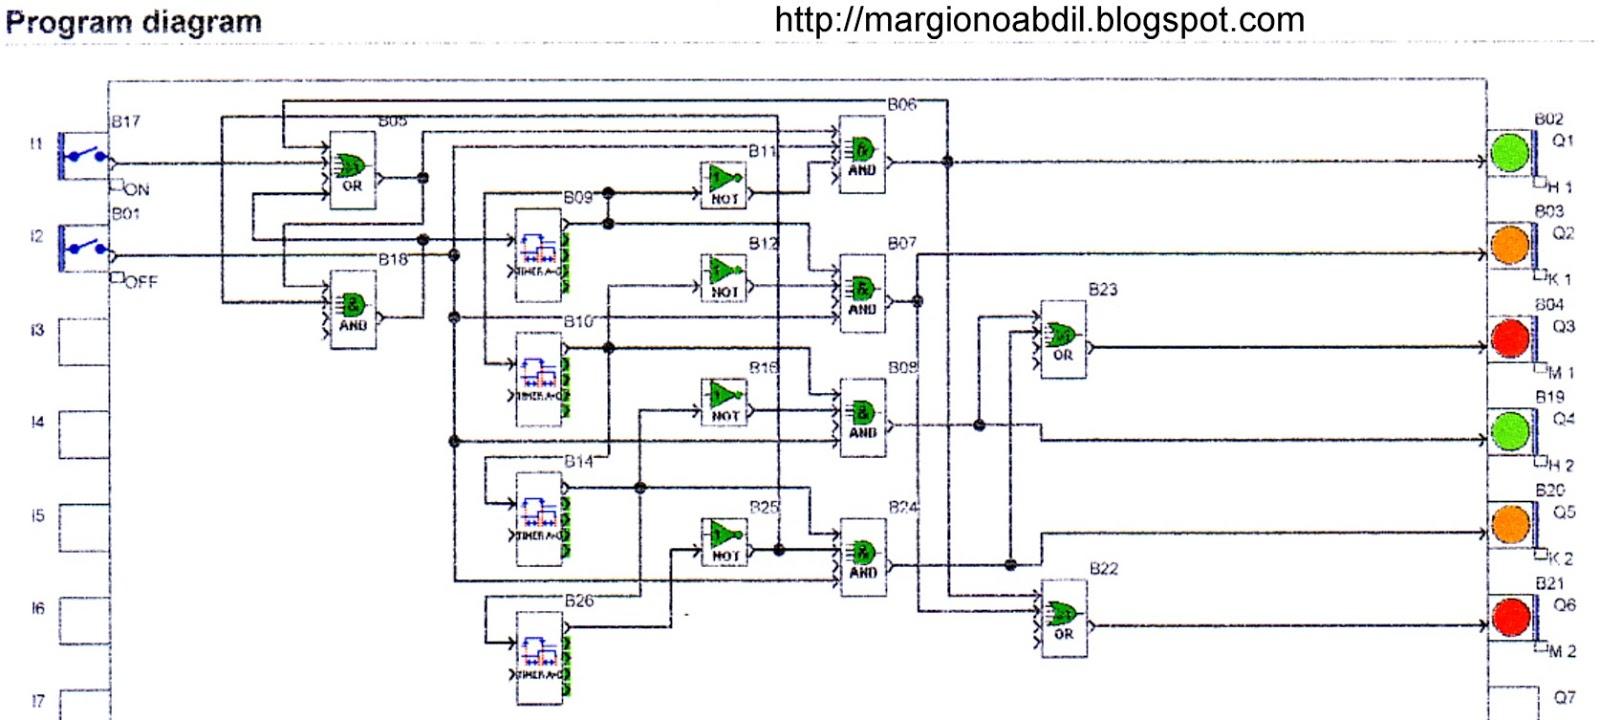 plc ladder logic diagram for elevator